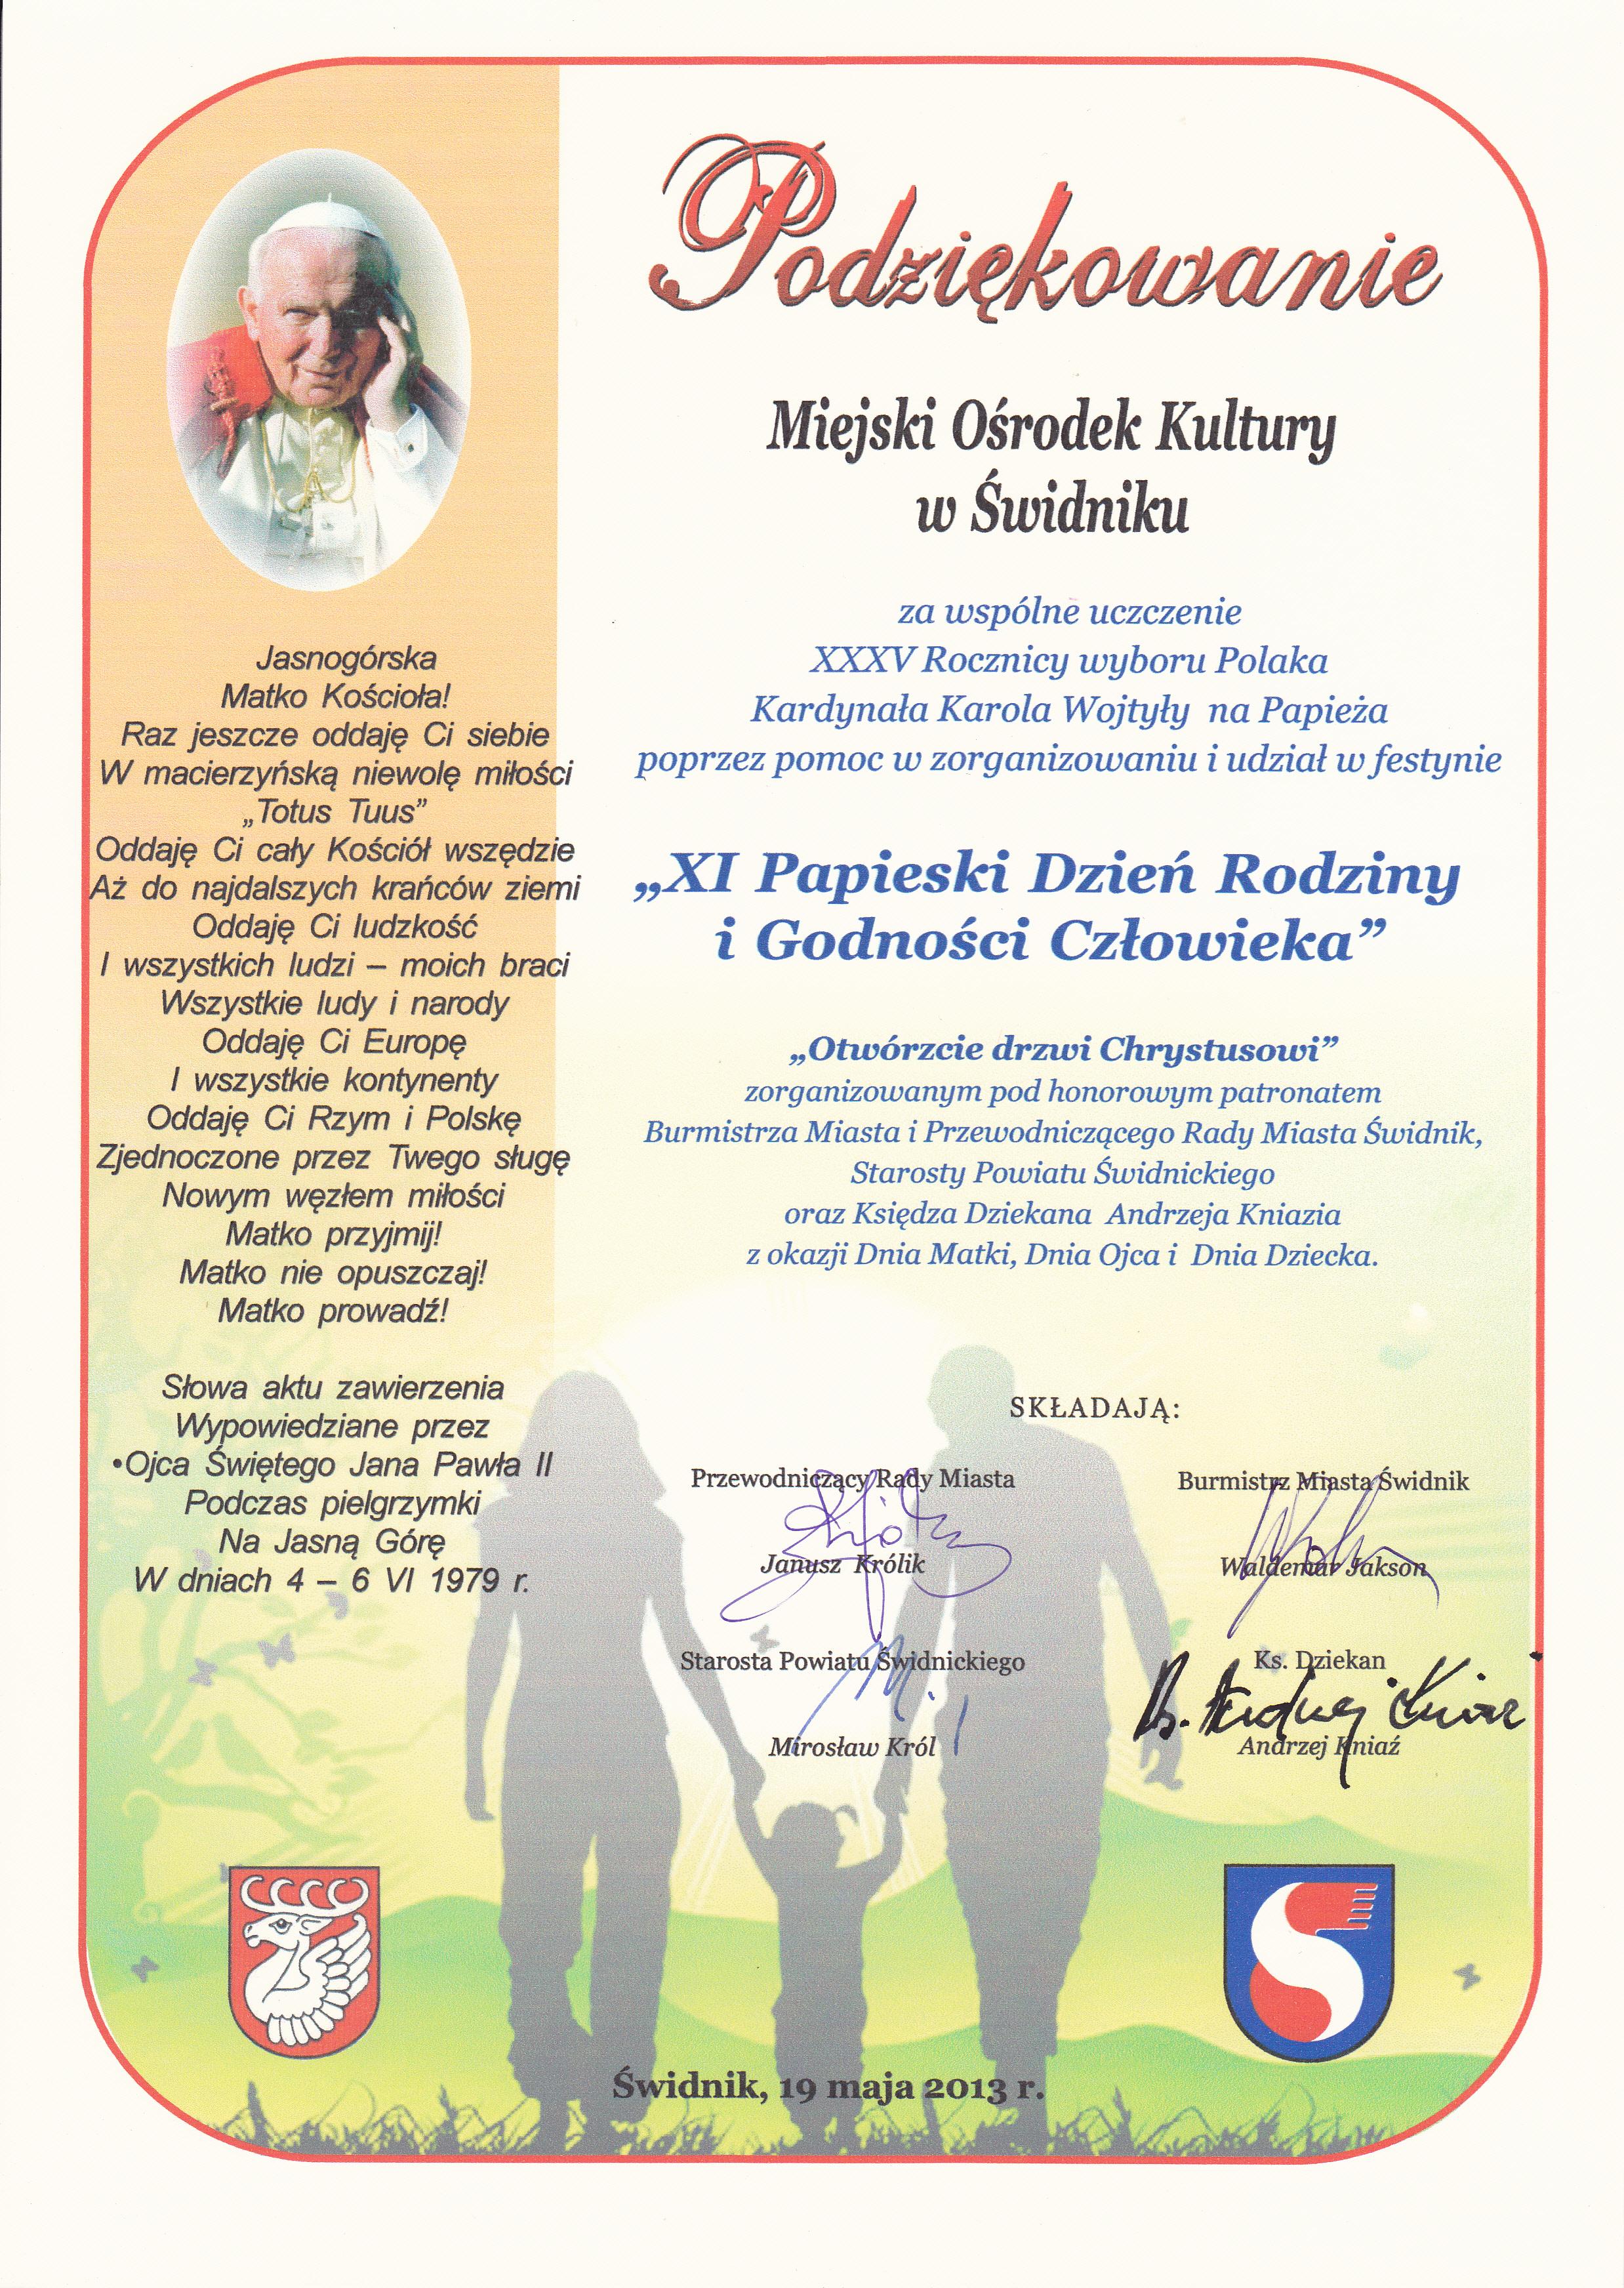 XI Papieski Dzień Rodziny i Godności Człowieka, 2013